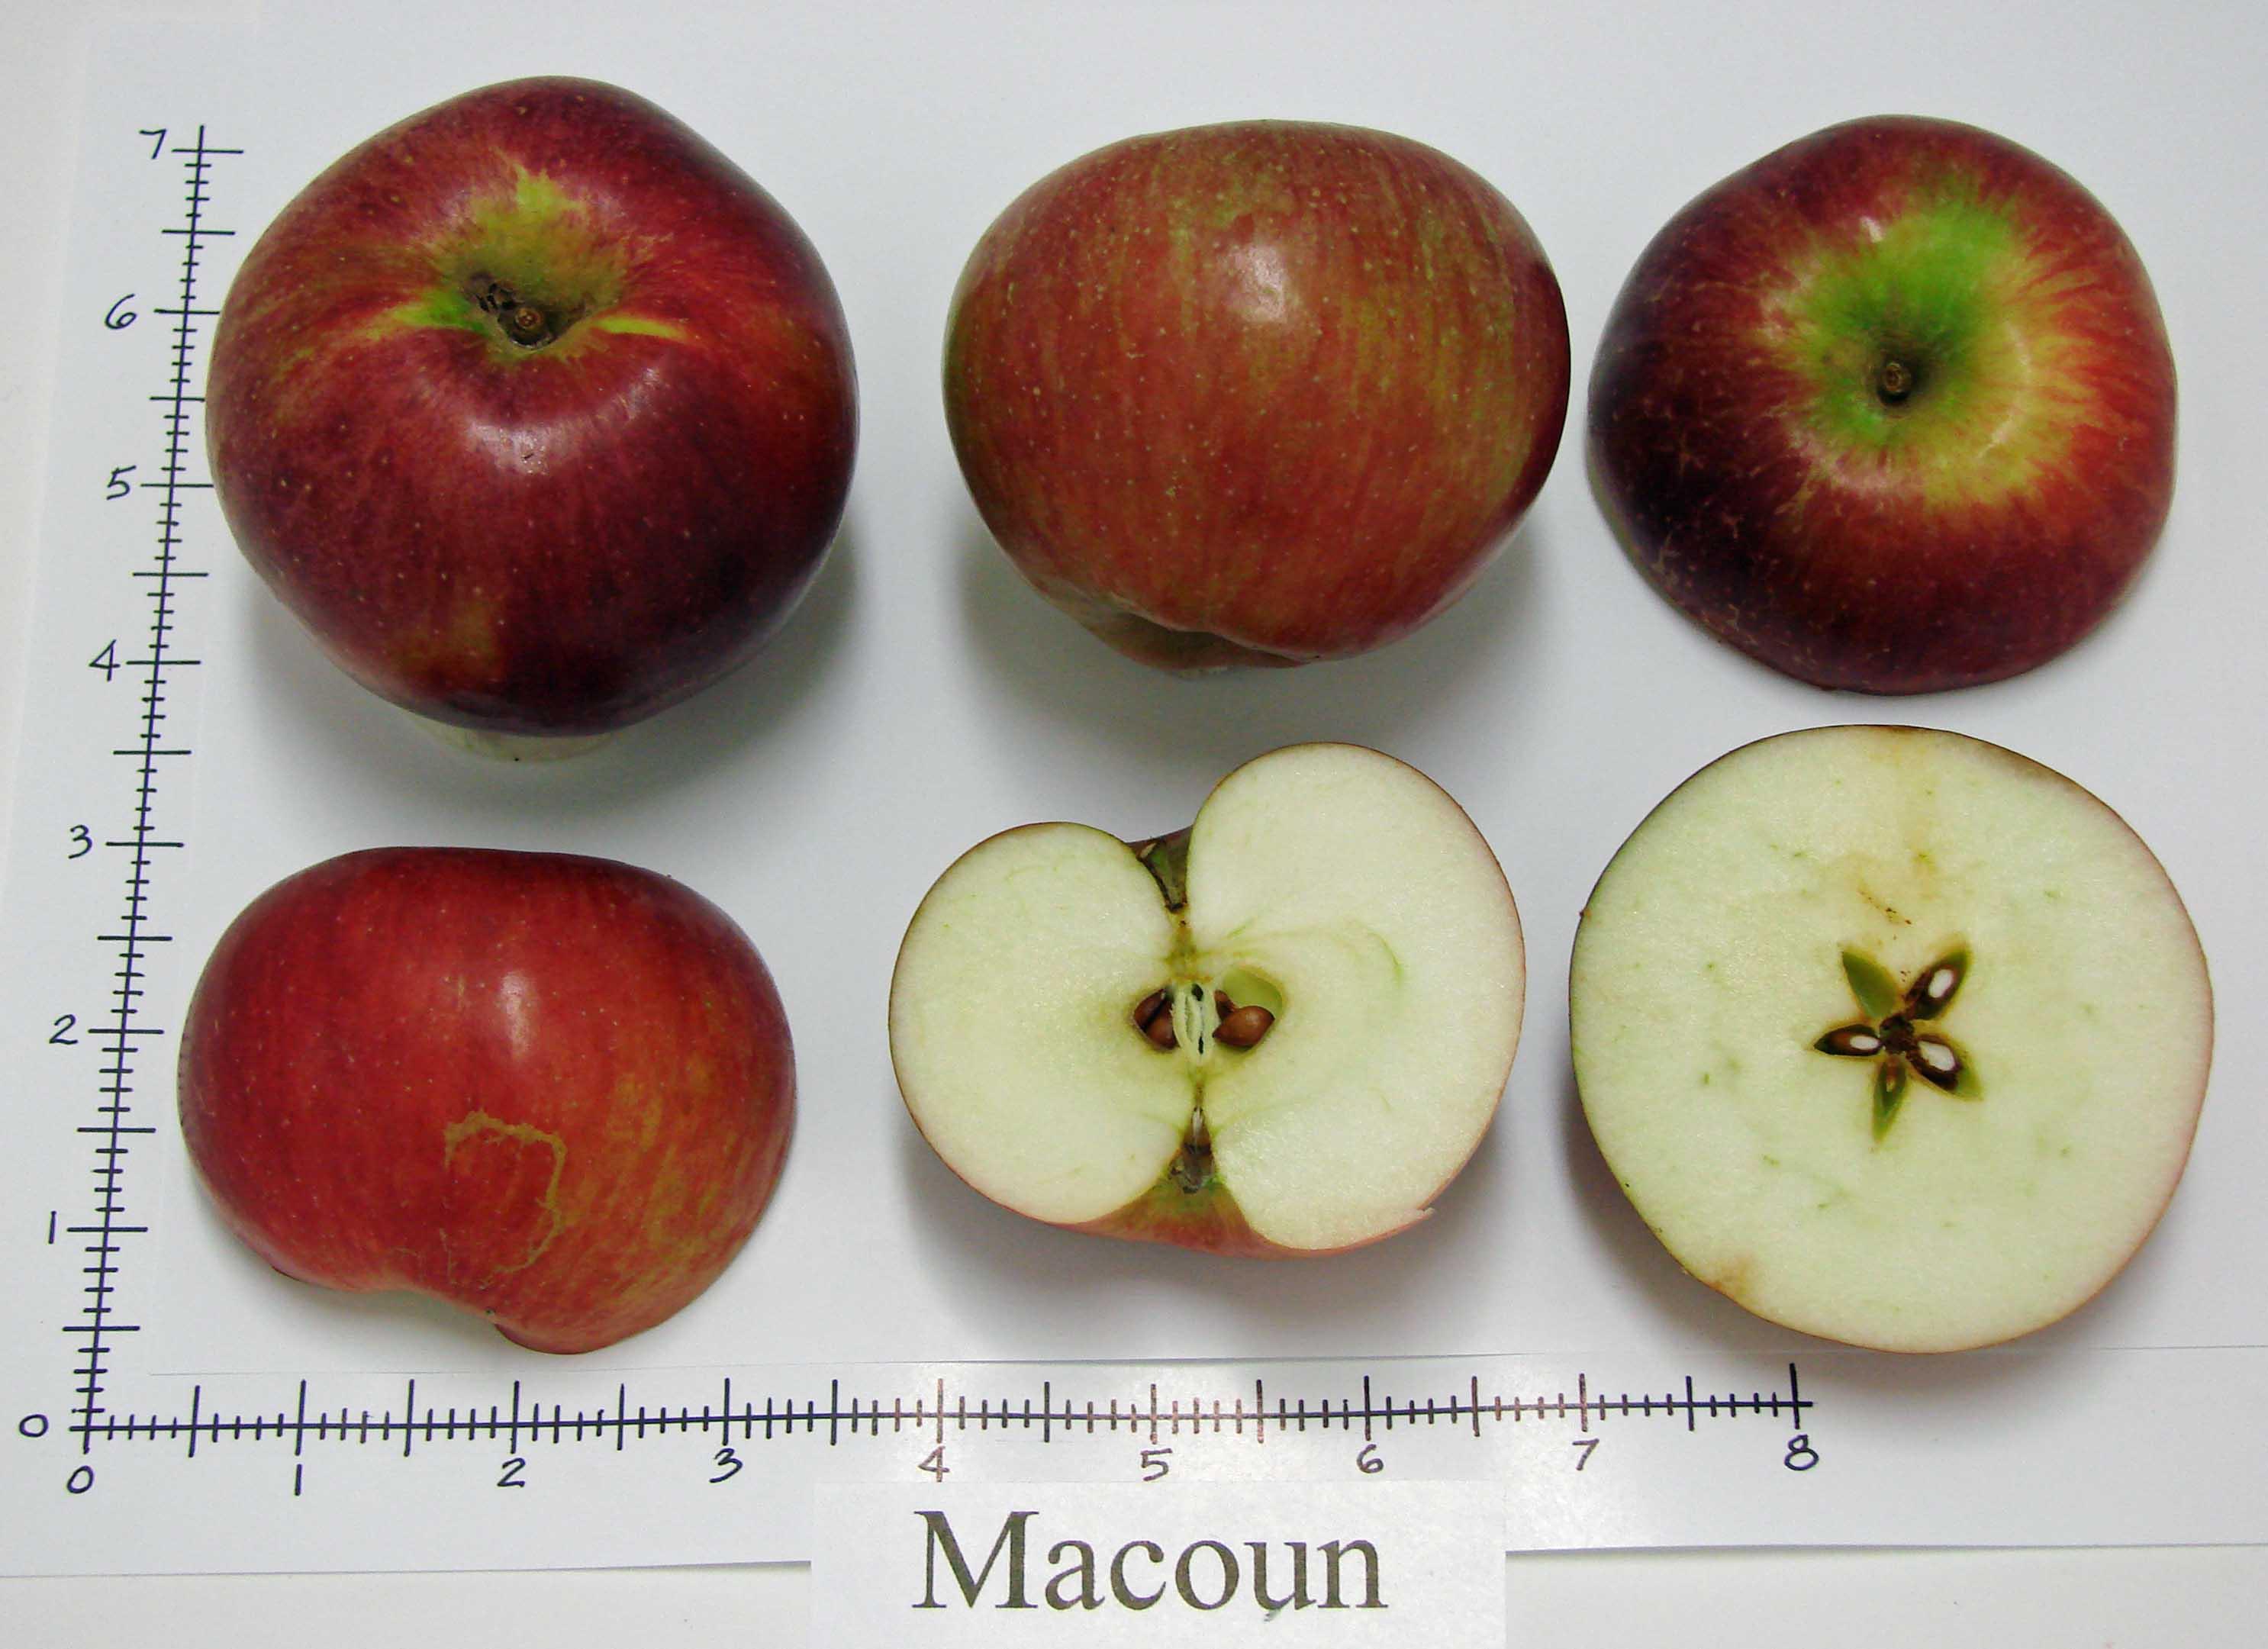 Macoun